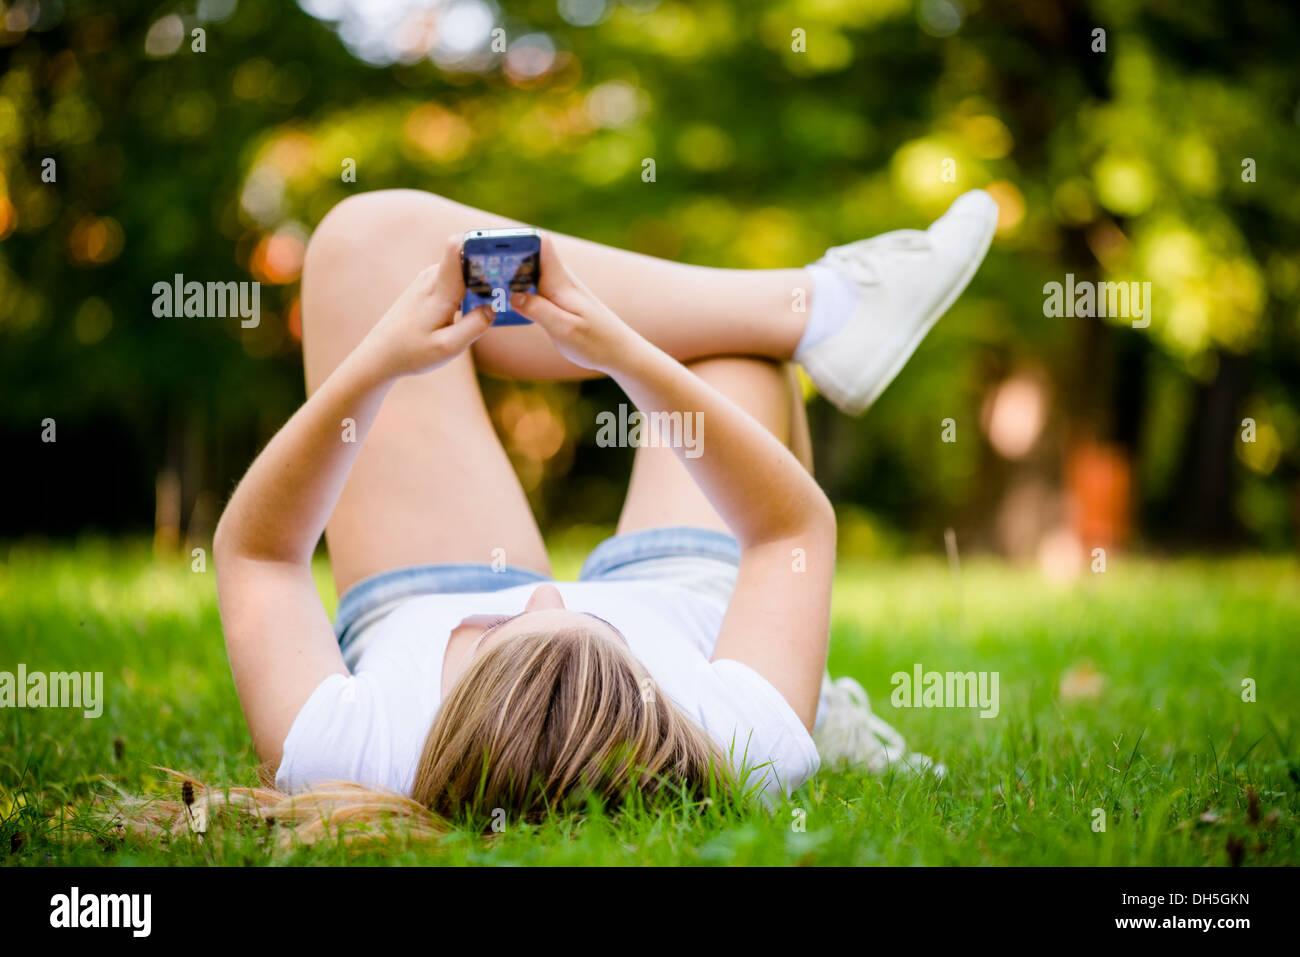 Young woman lying on grass et de travail avec le smartphone Photo Stock